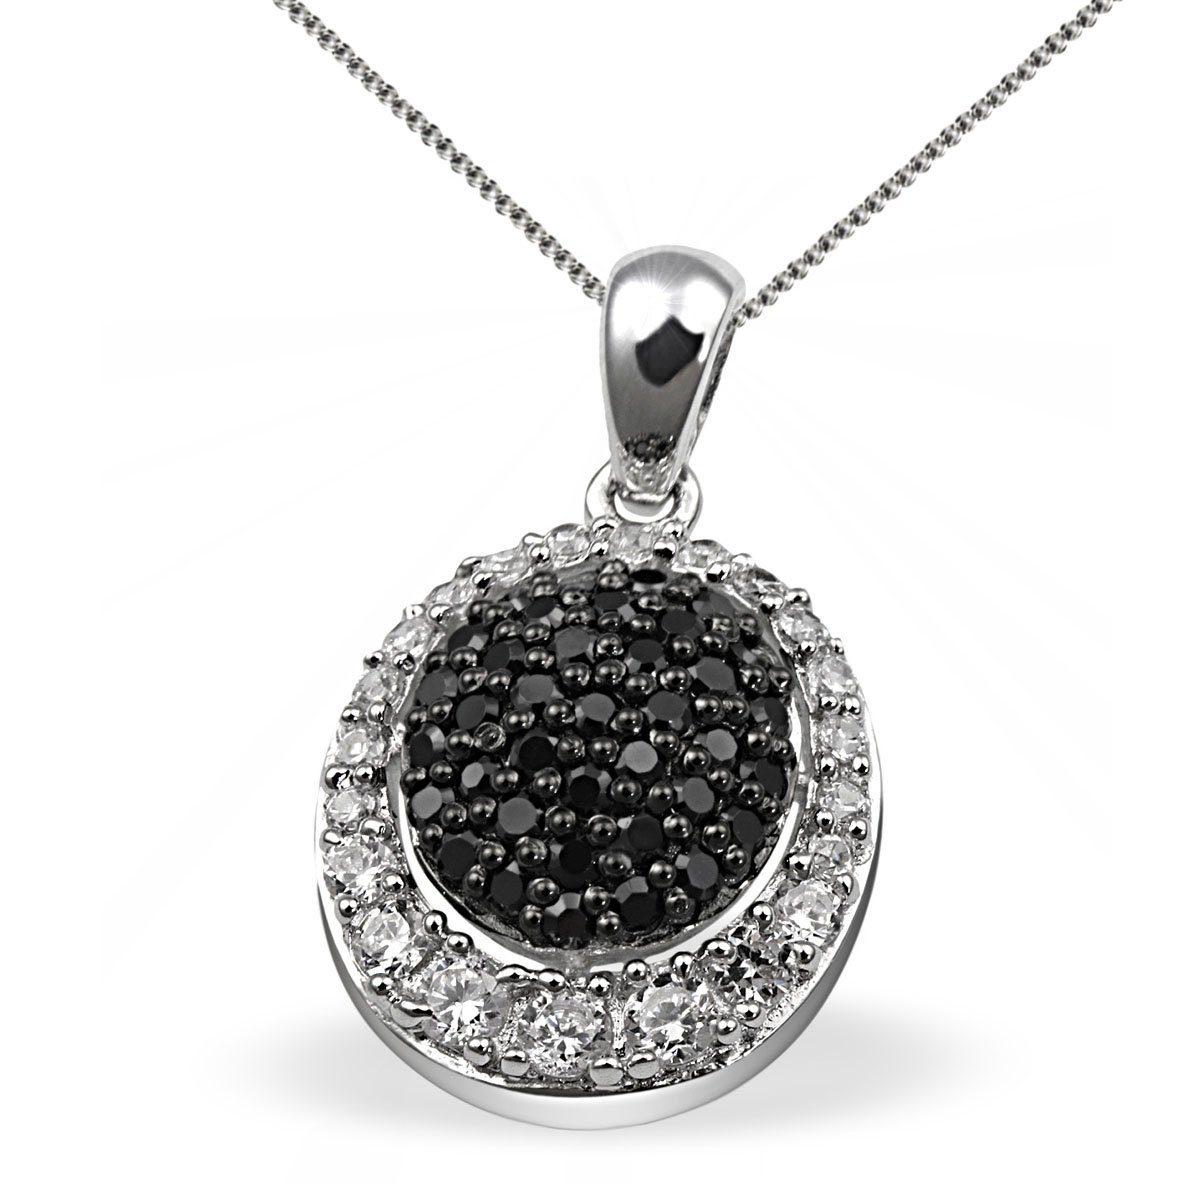 Averdin Collier Silber 925 schwarz weisse Zirkonia Pavee